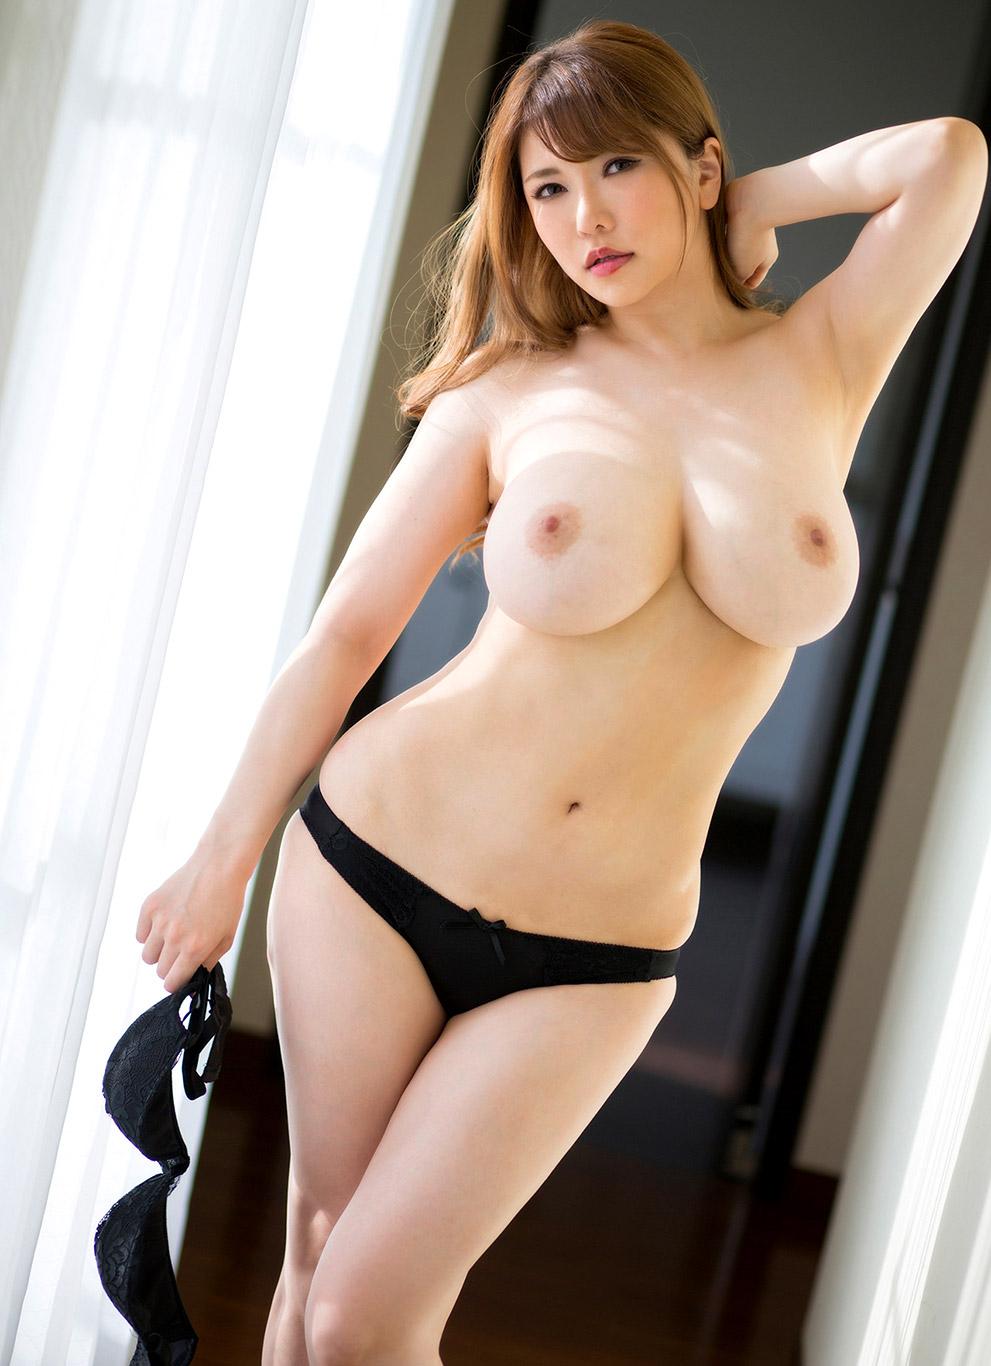 Anri Okita Hot Pictures